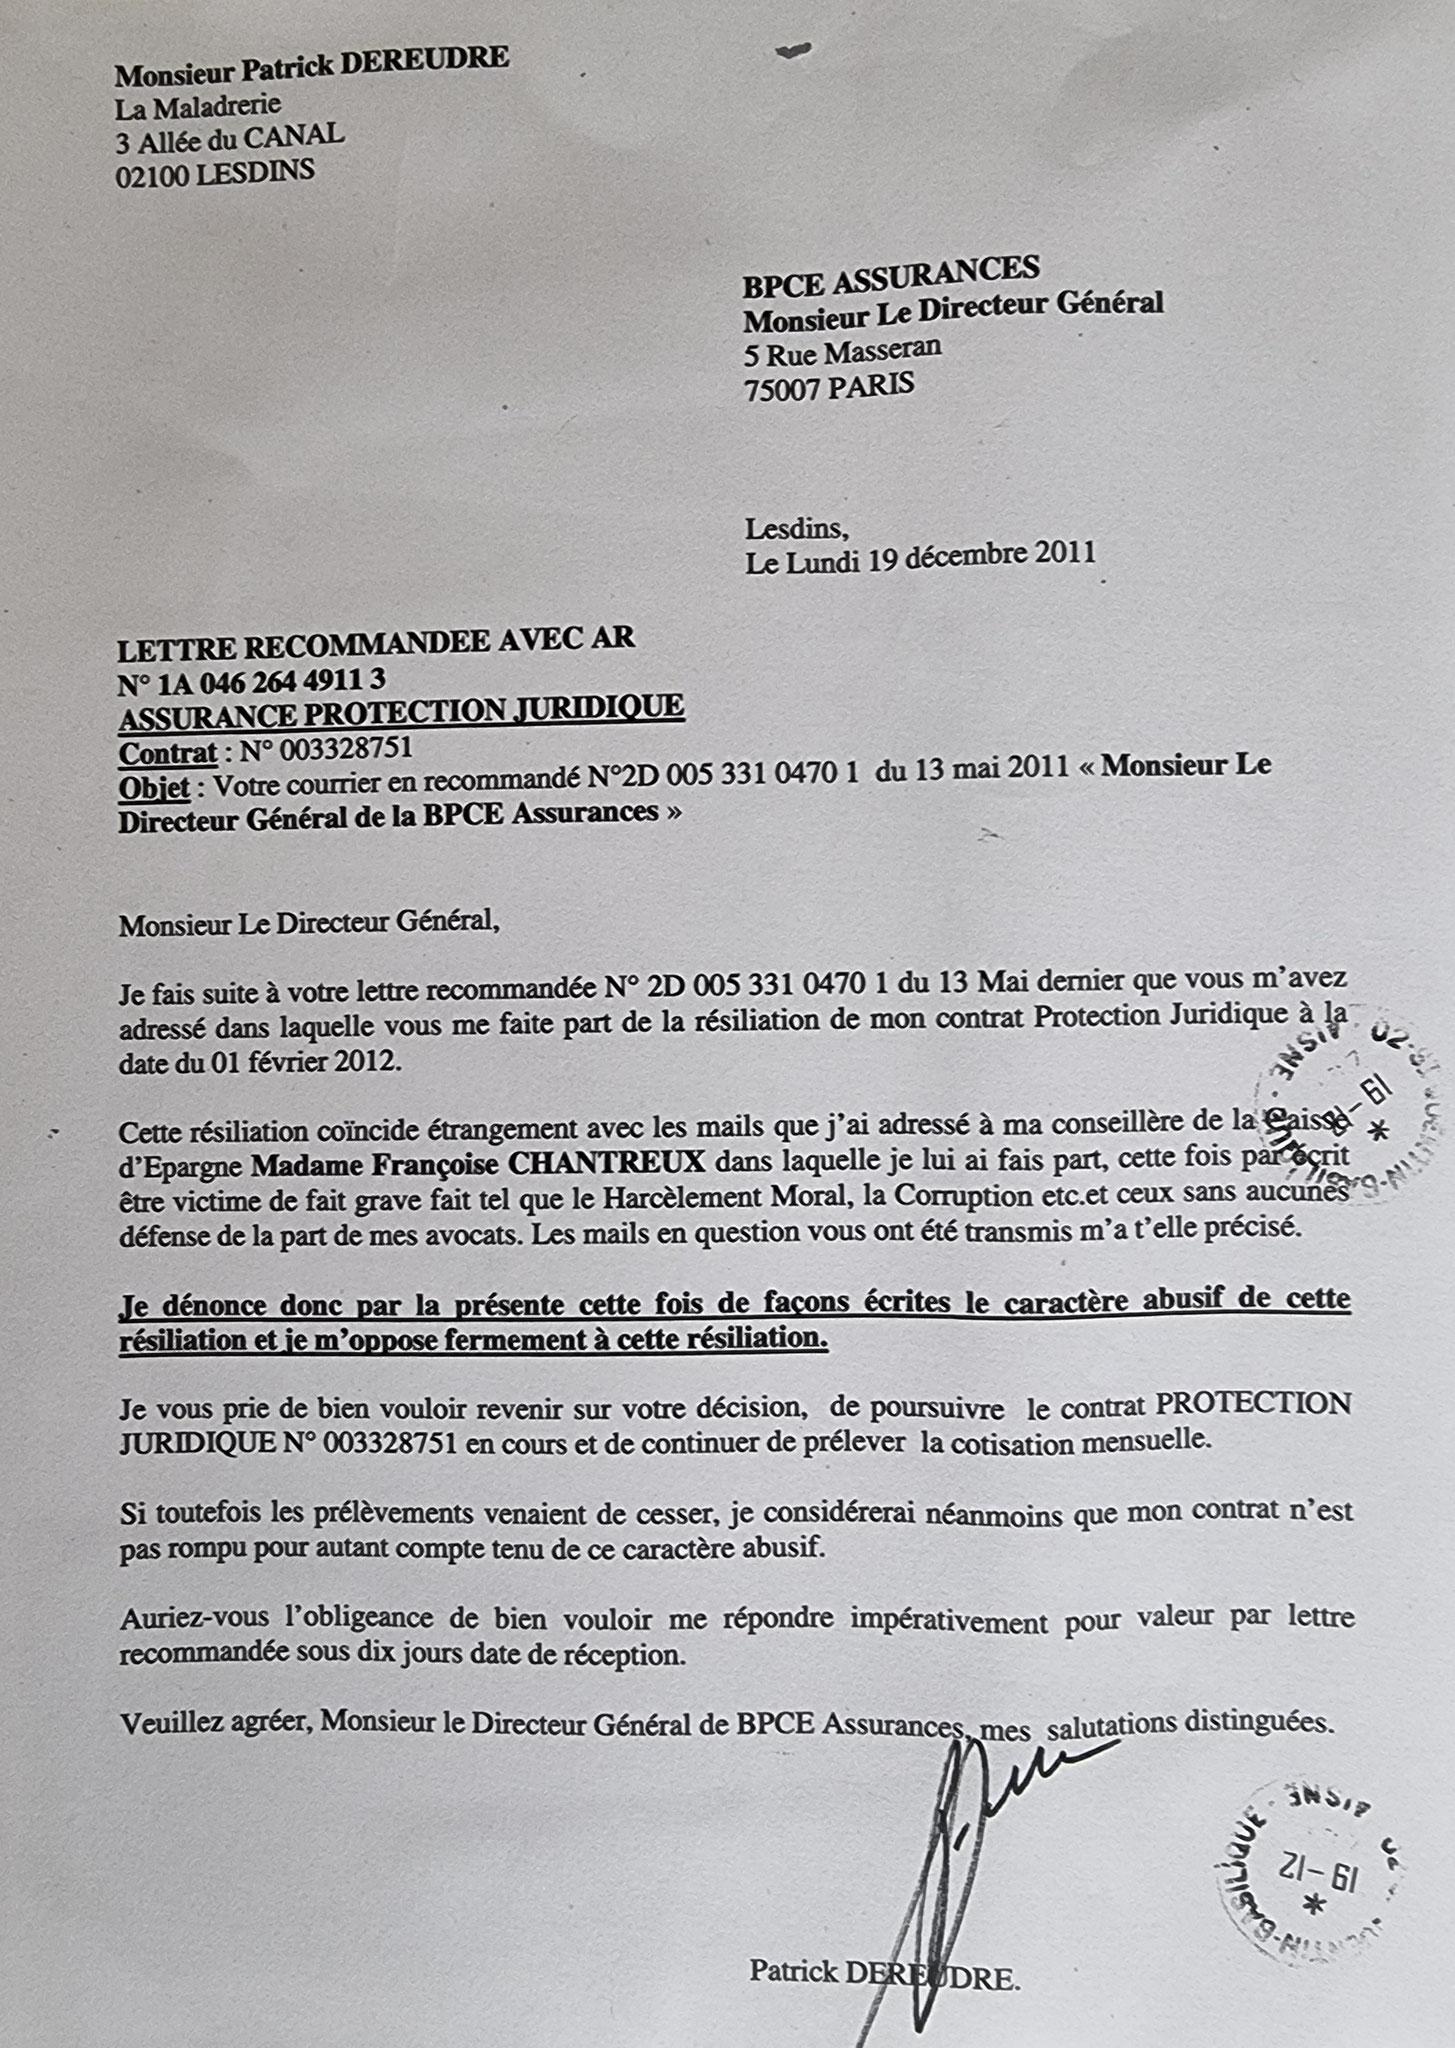 Le lundi 19 Décembre 2011,  j'adresse une LRAR à ma protection JURIDIQUE BPCE ASSURANCES soit une pages.     INACCEPTABLE  BORDERLINE    EXPERTISES JUDICIAIRES ENTRE COPAINS... www.jesuisvictime.fr www.jesuispatrick.fr